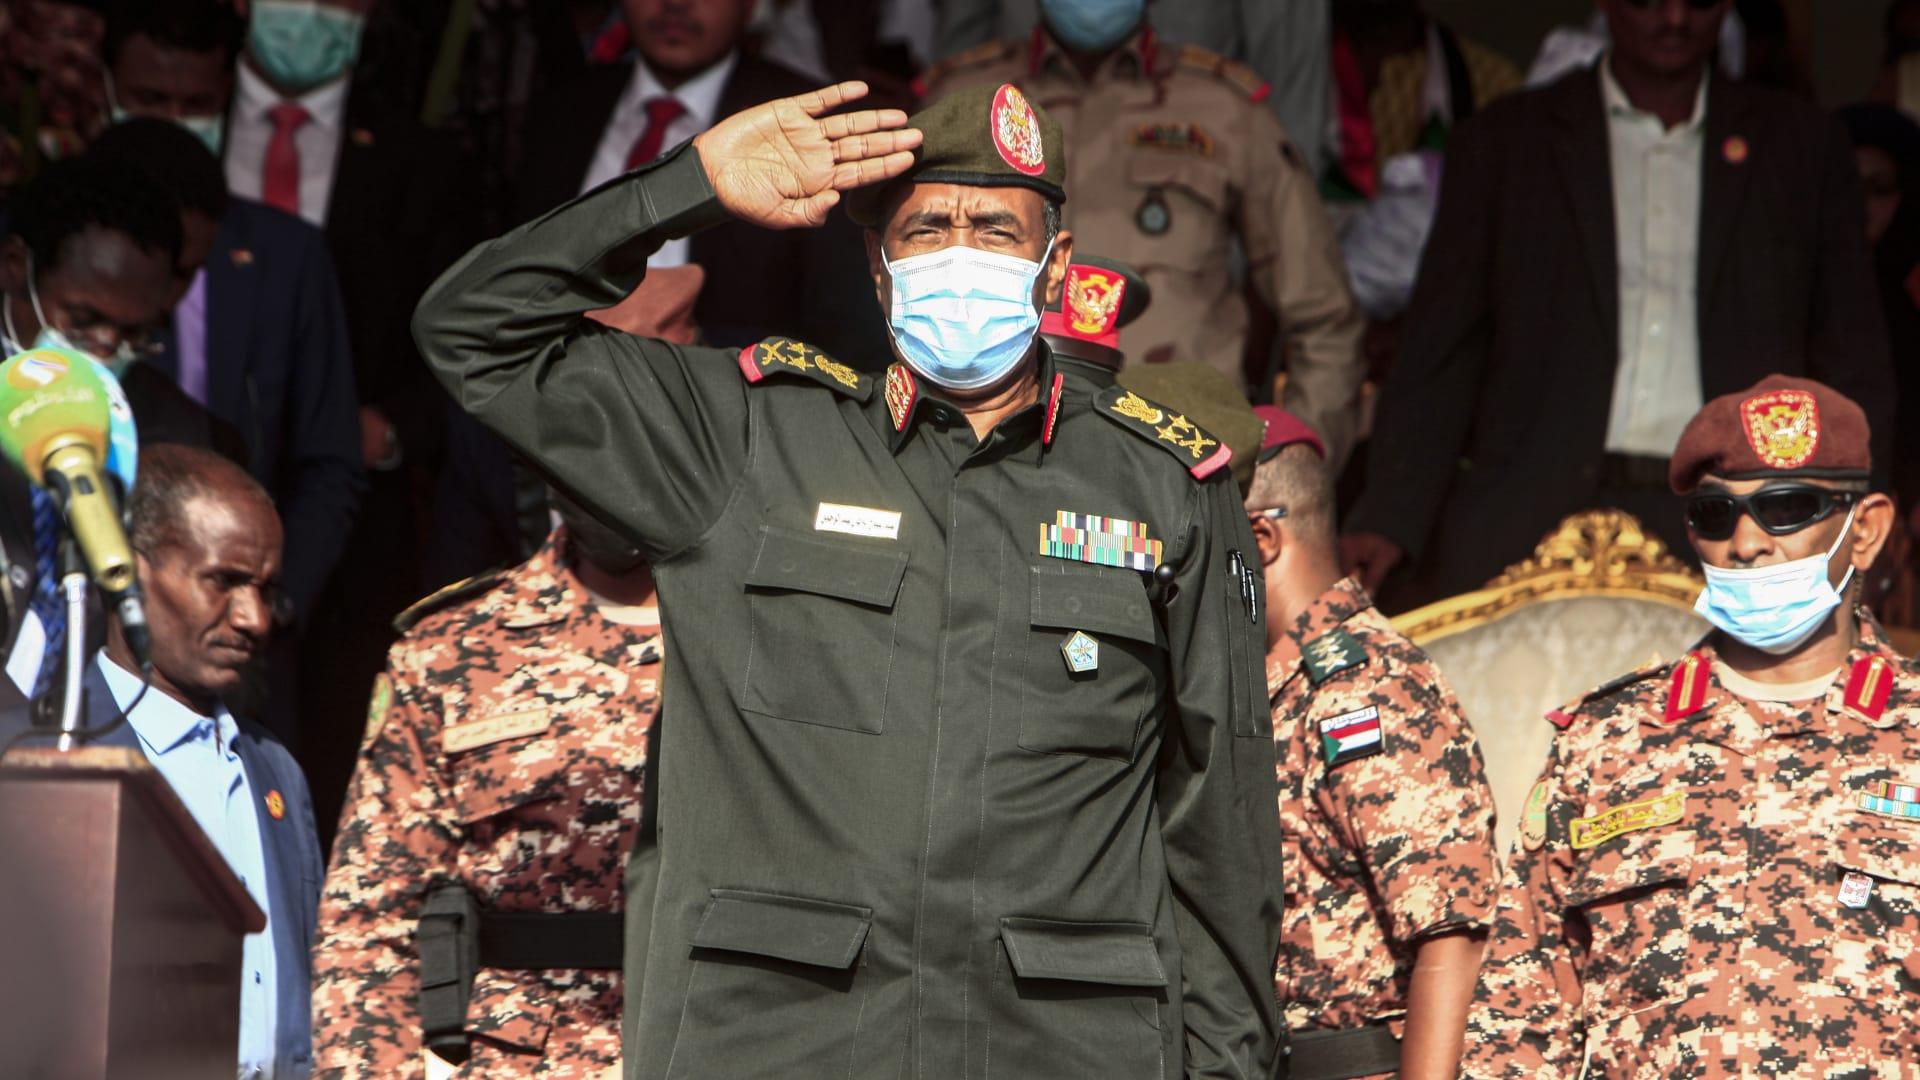 السودان يقبل وساطة الإمارات لحل قضيتي الحدود مع إثيوبيا وسد الهضة